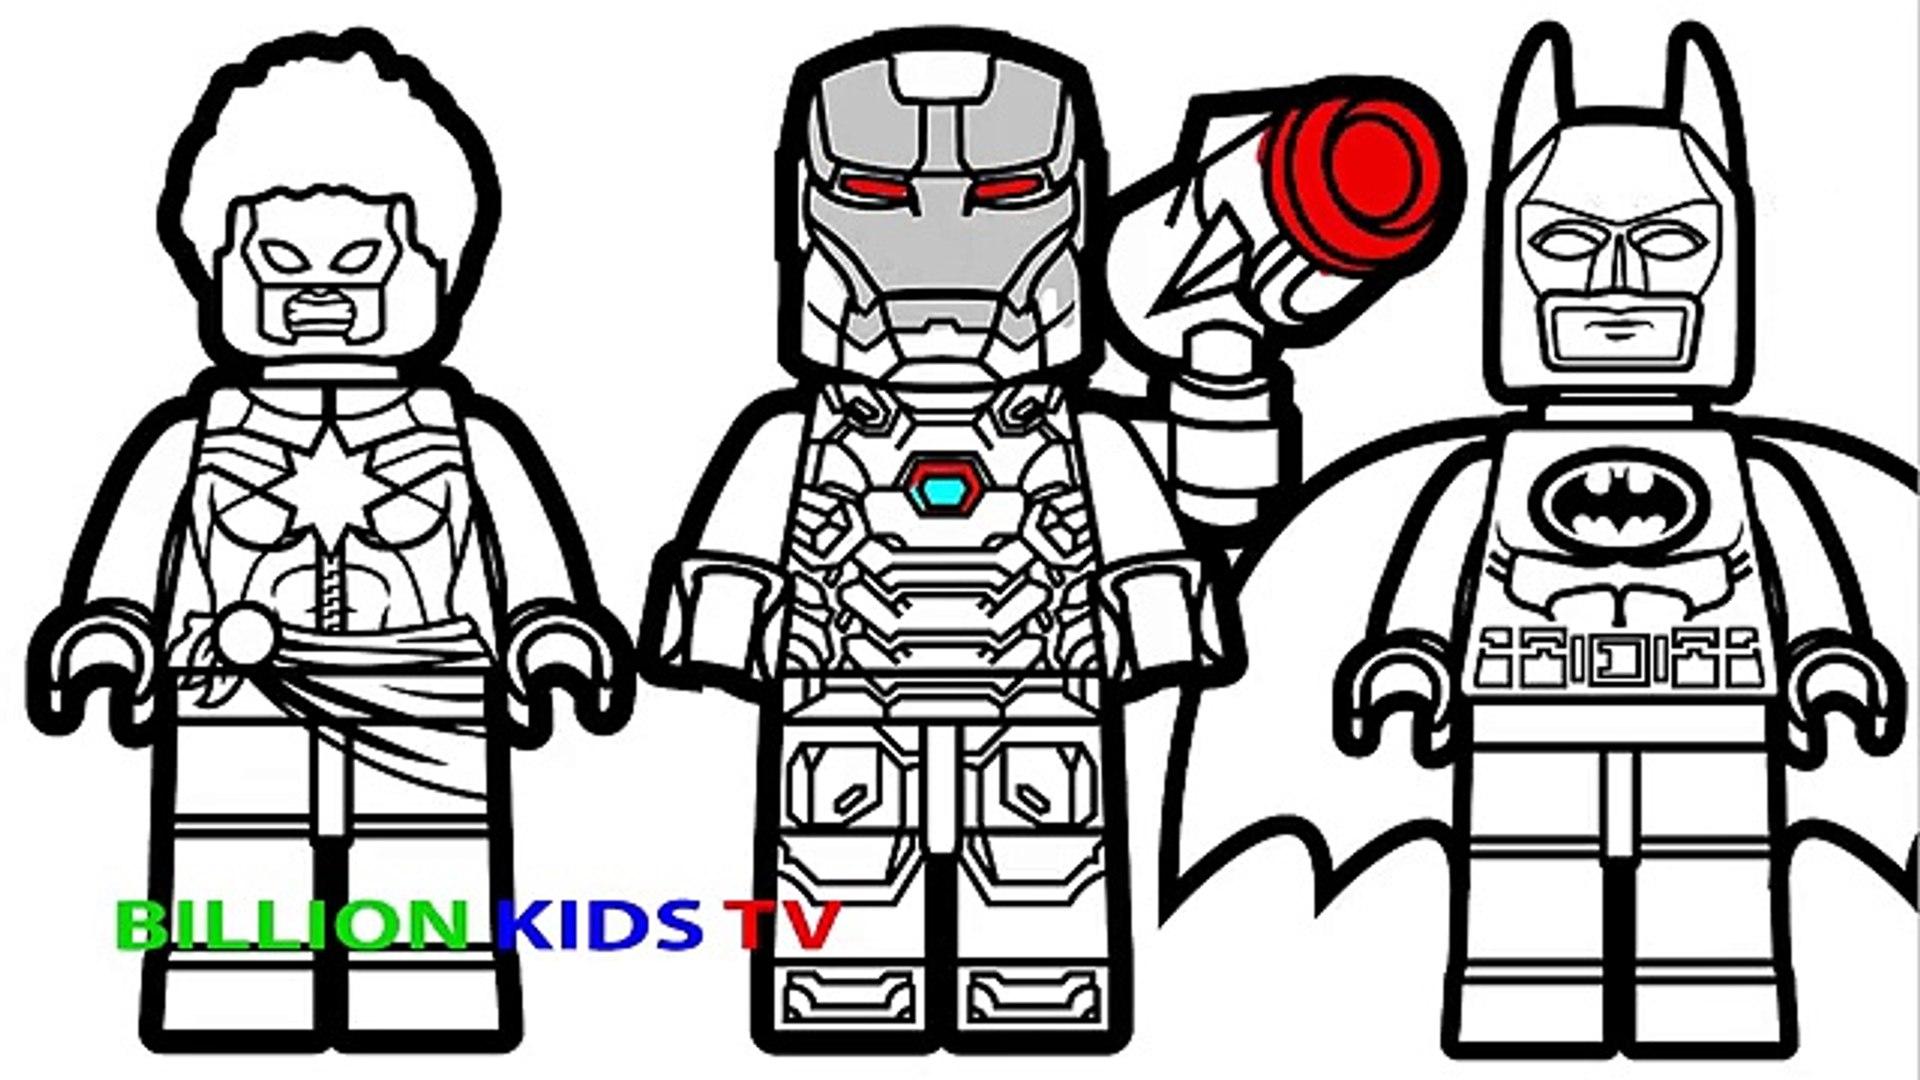 - Lego Batman Vs Lego Captain Marvel Vs Lego War Machine Coloring